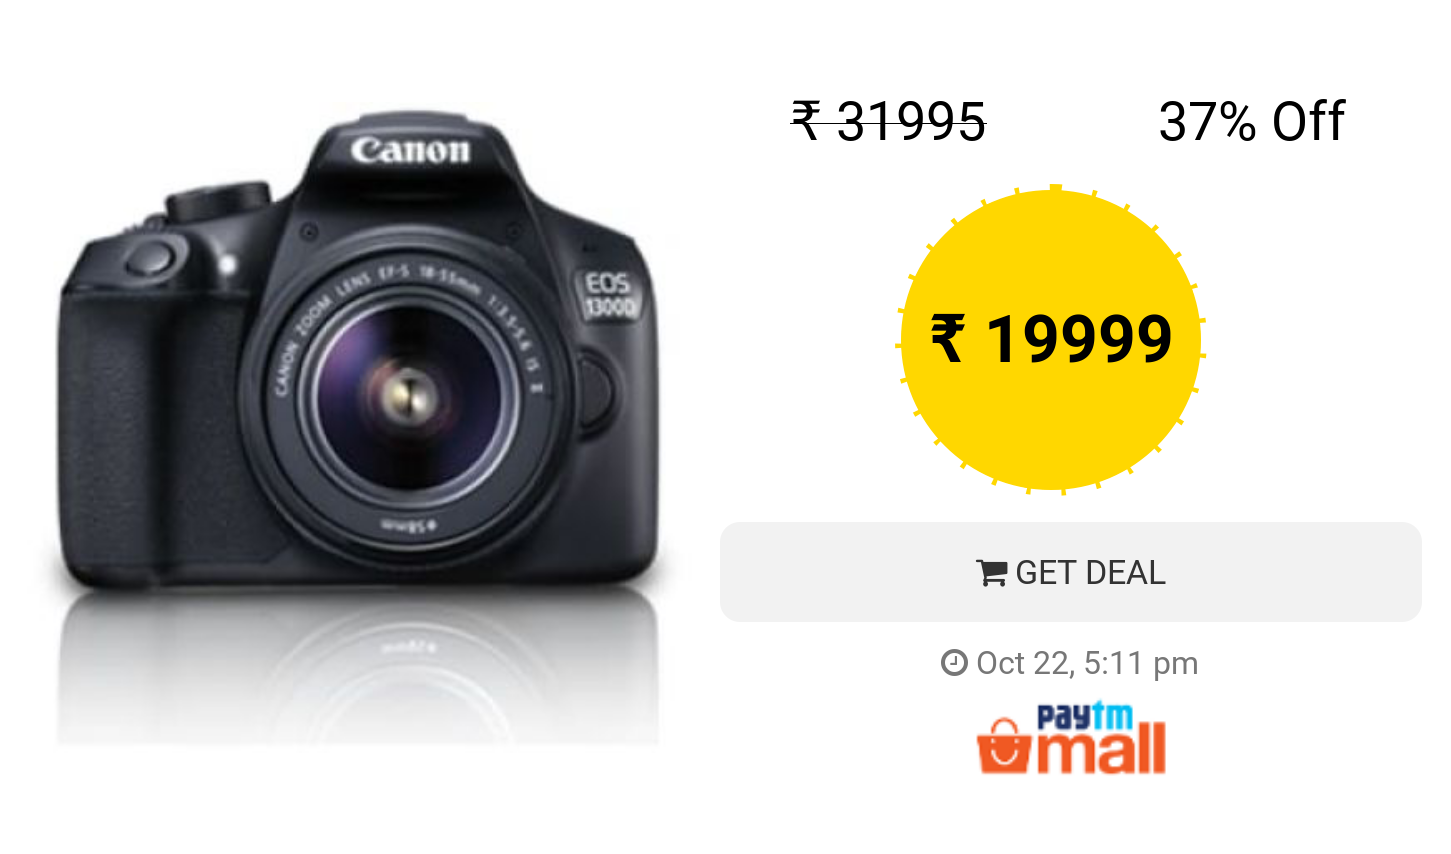 Canon Eos 1300d Kit Ef S18 55 Is Ii 18 Mp Dslr Camera Black Dslr Camera Vr Kit Dslr